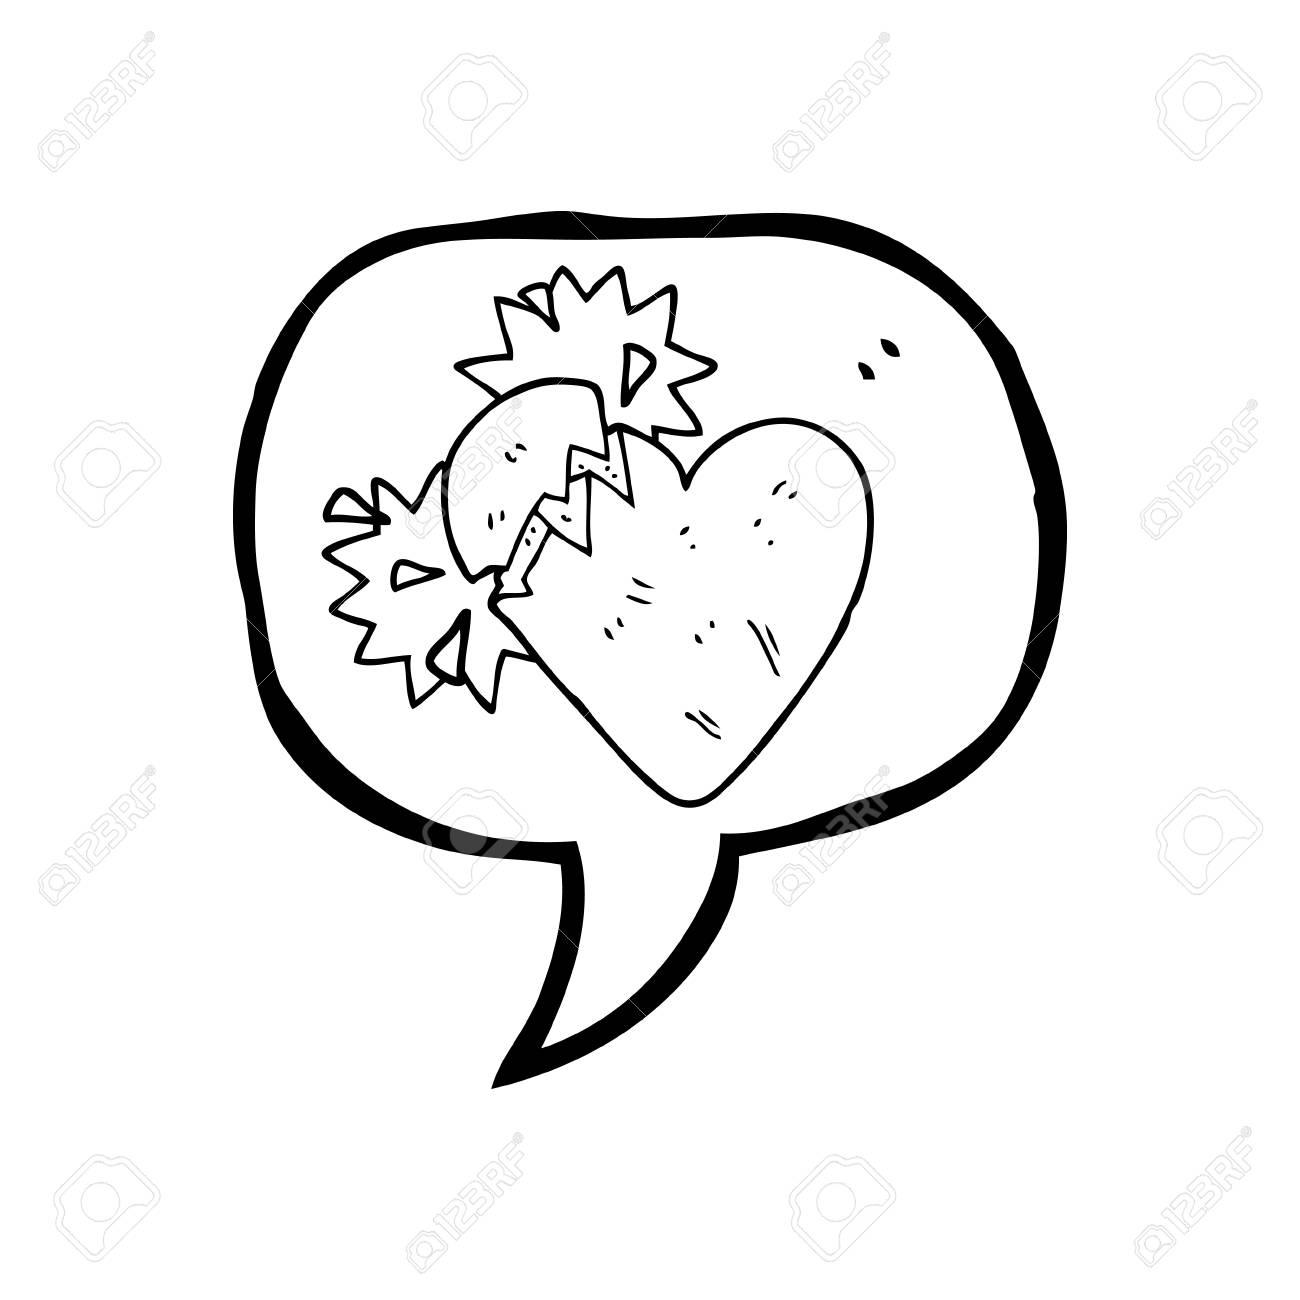 A Mano Alzada Discurso Elaborado Corazón Roto La Burbuja De Dibujos ...